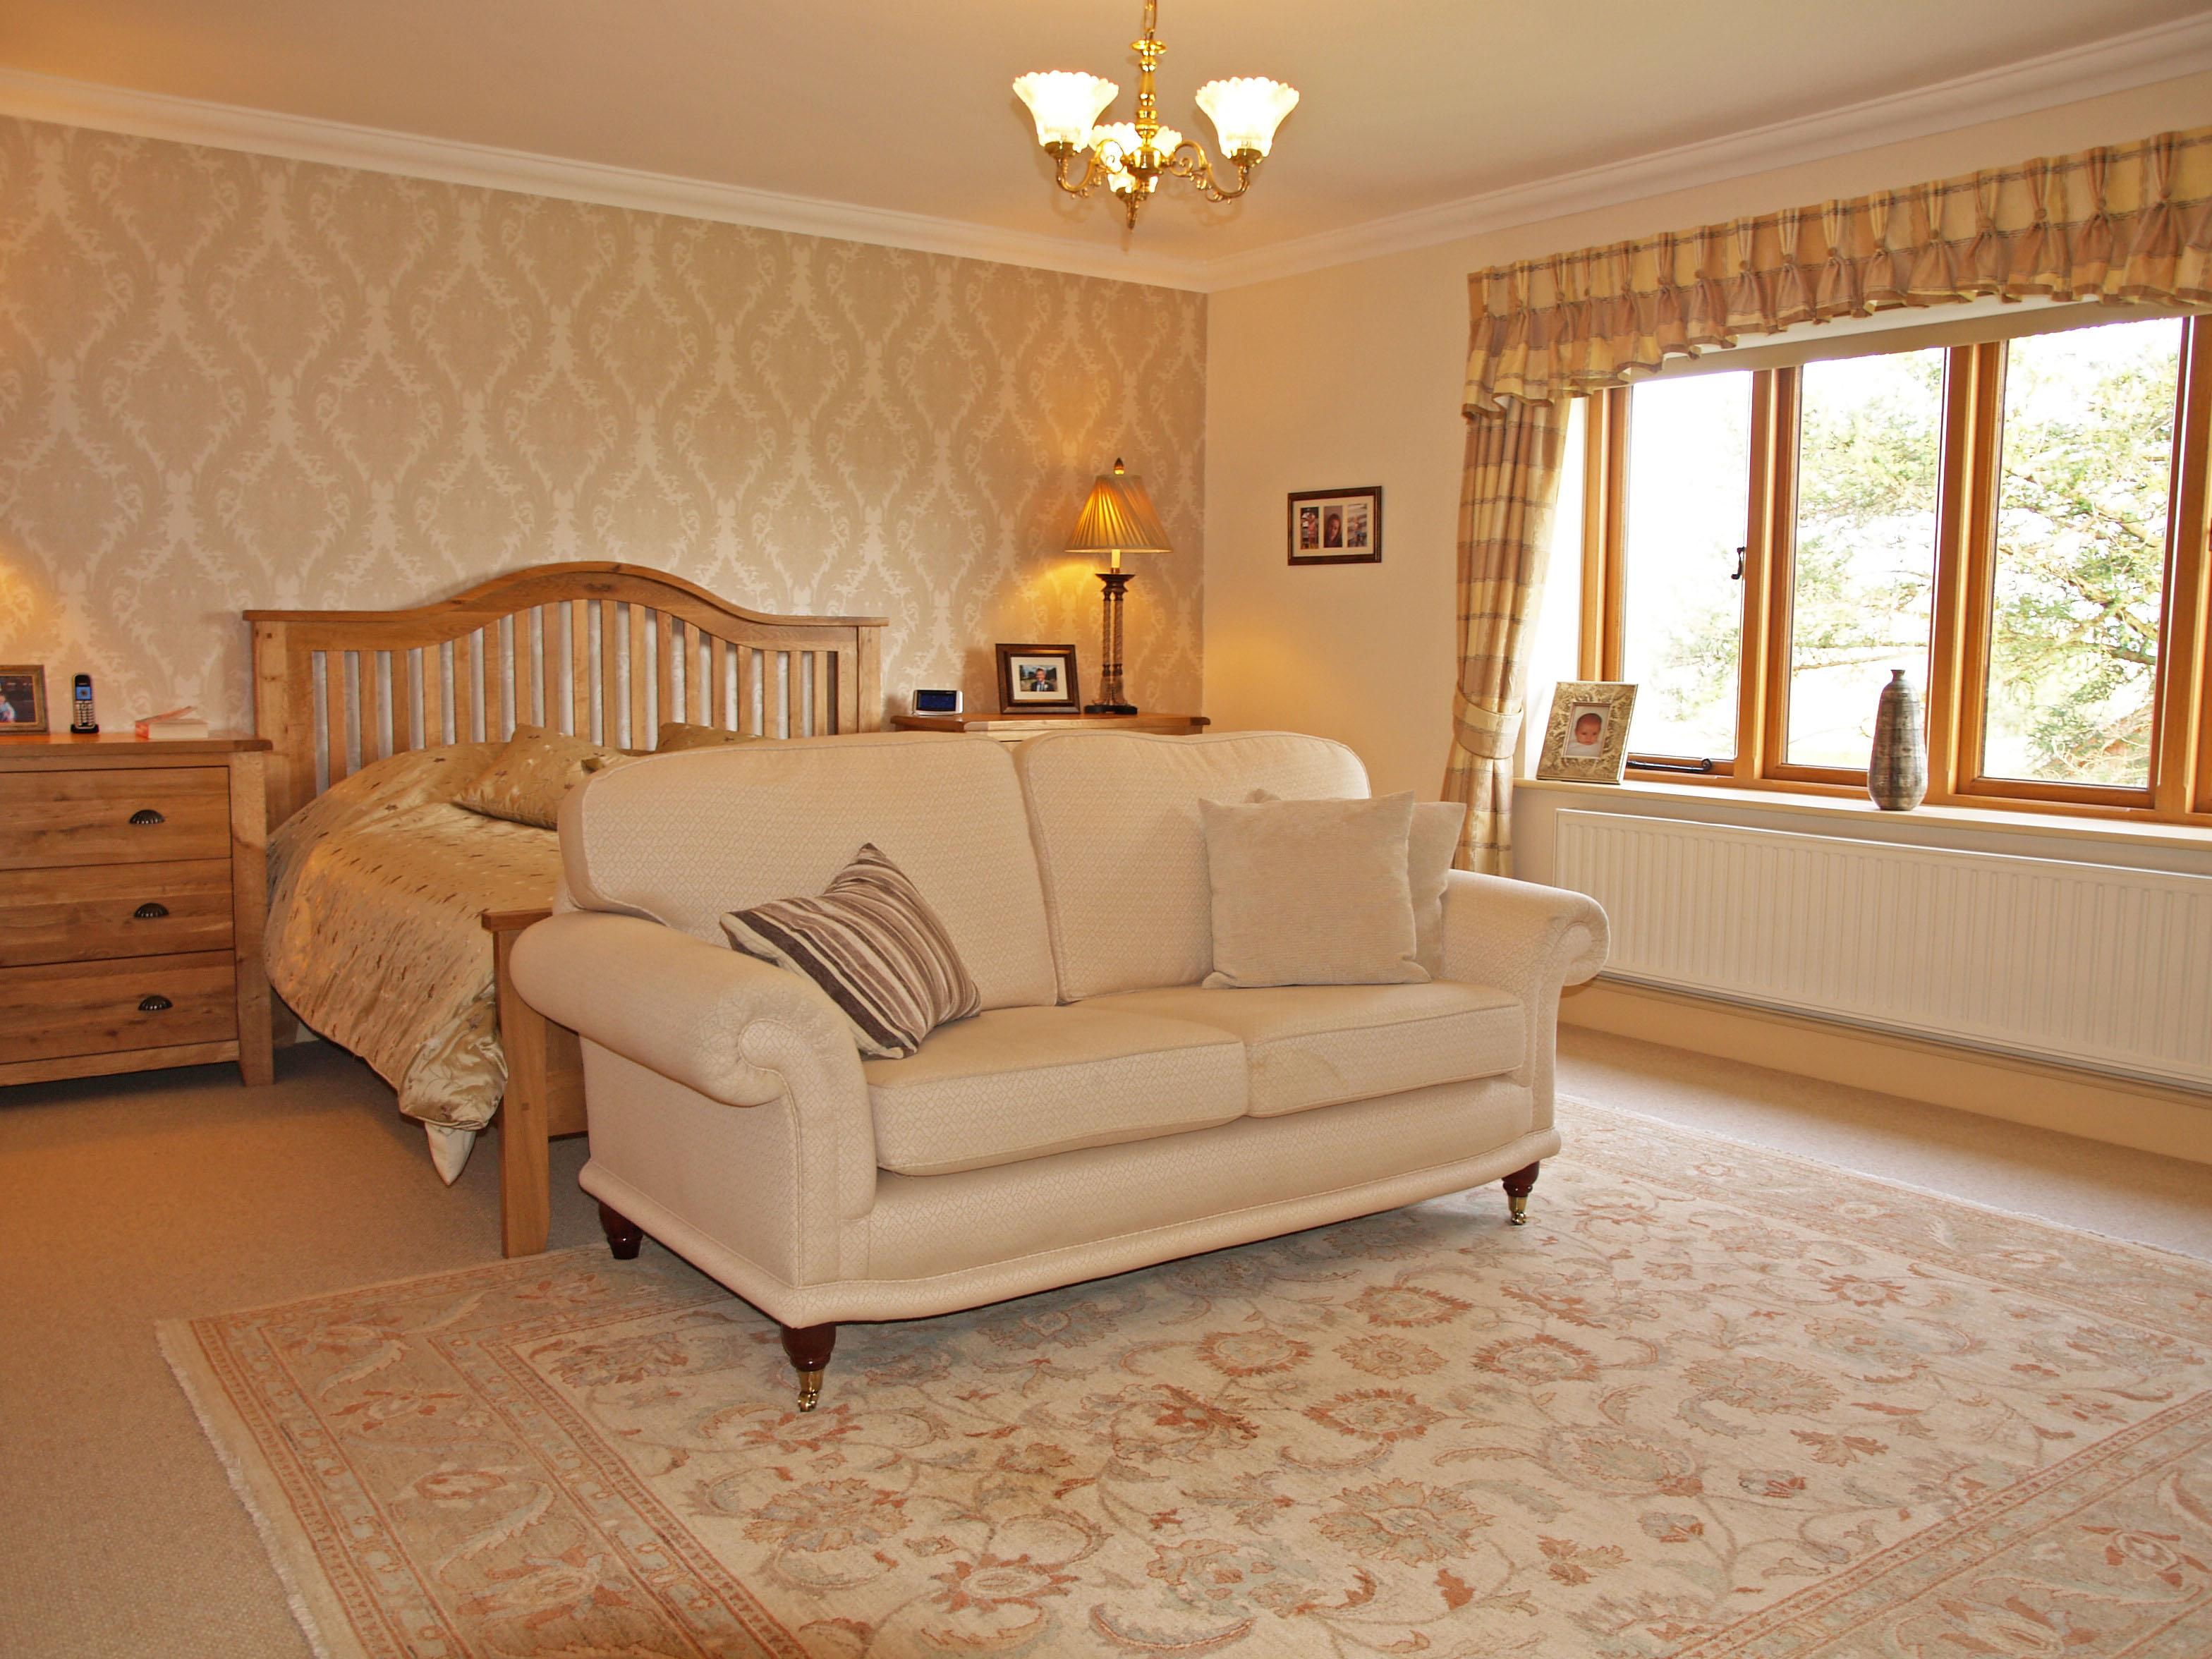 Hollybush bedroom